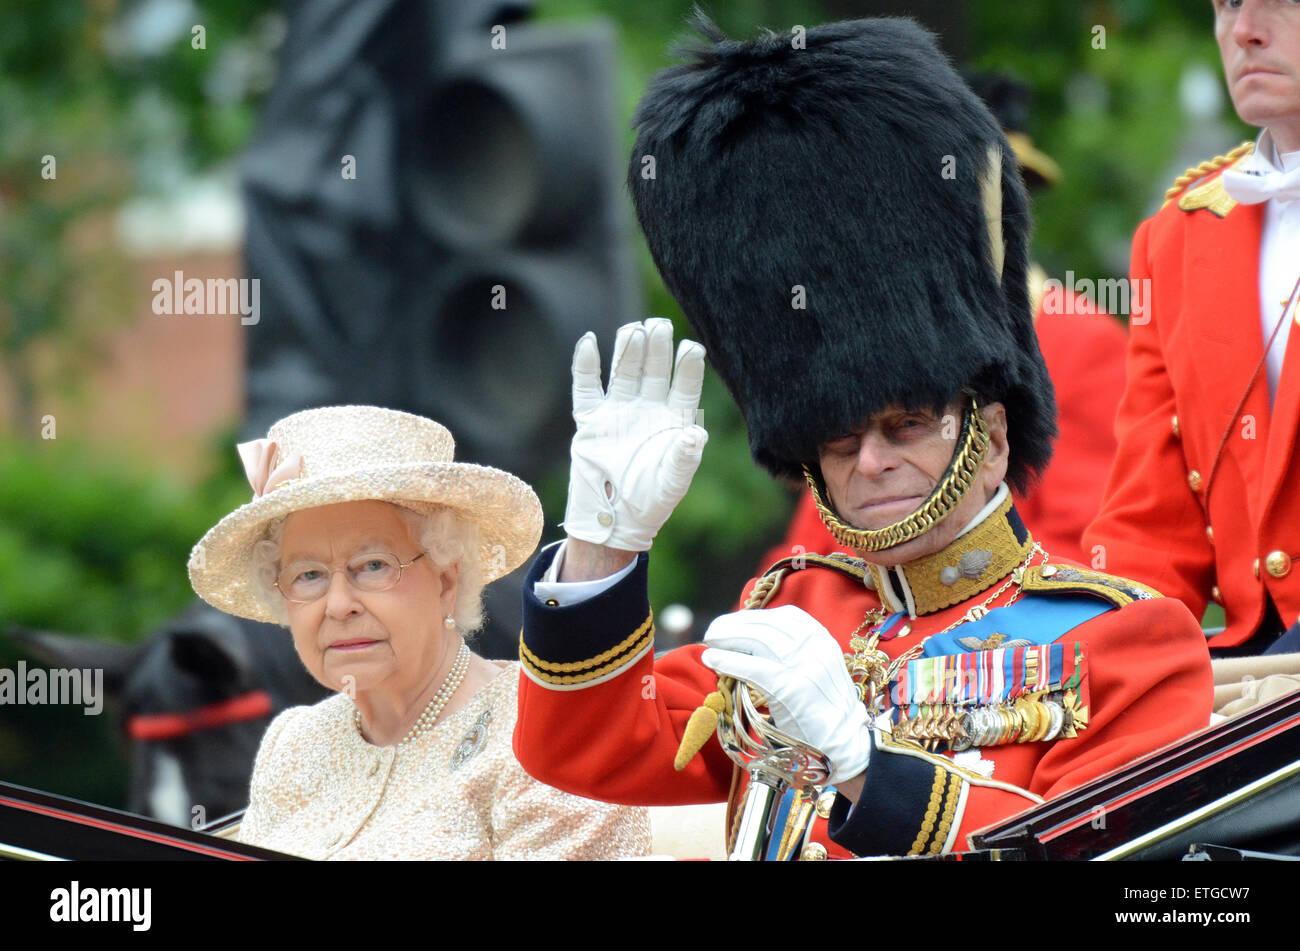 La Reine et le Prince Philip. Parade de la couleur dans le centre commercial. Londres Photo Stock